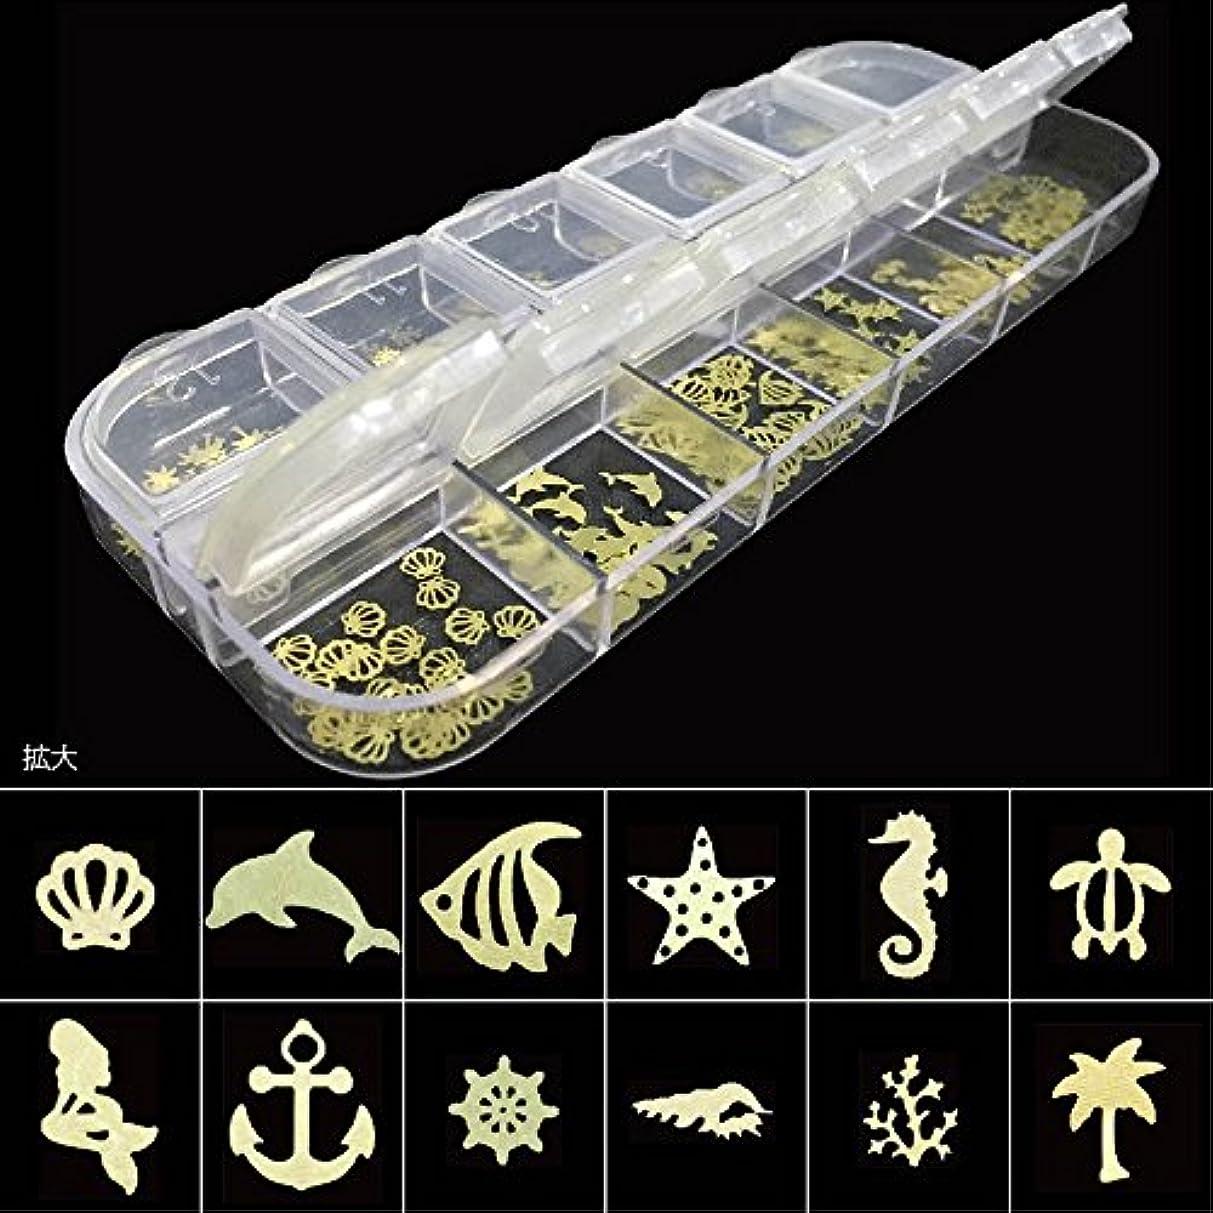 臭い花パワーセル薄型メタル パーツ ゴールド240枚 ネイル&レジン用 12種類×各20個ケース入 (マリン)